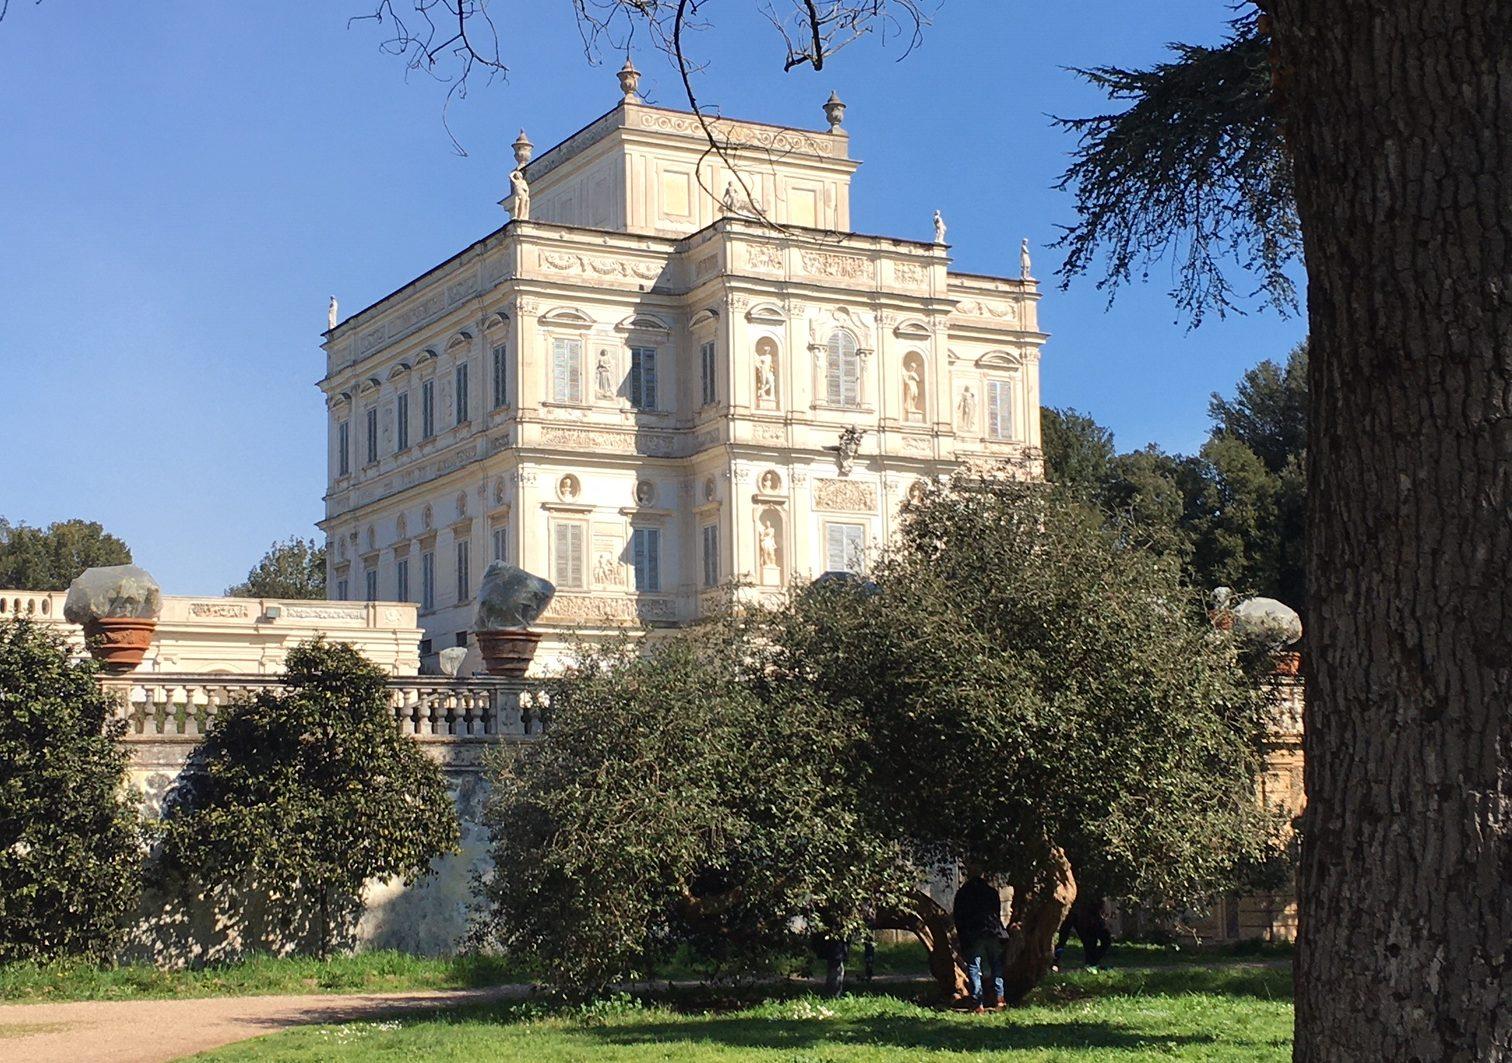 Una residenza privata divenuta parco pubblico: l'imponenza di Villa Doria Pamphilj